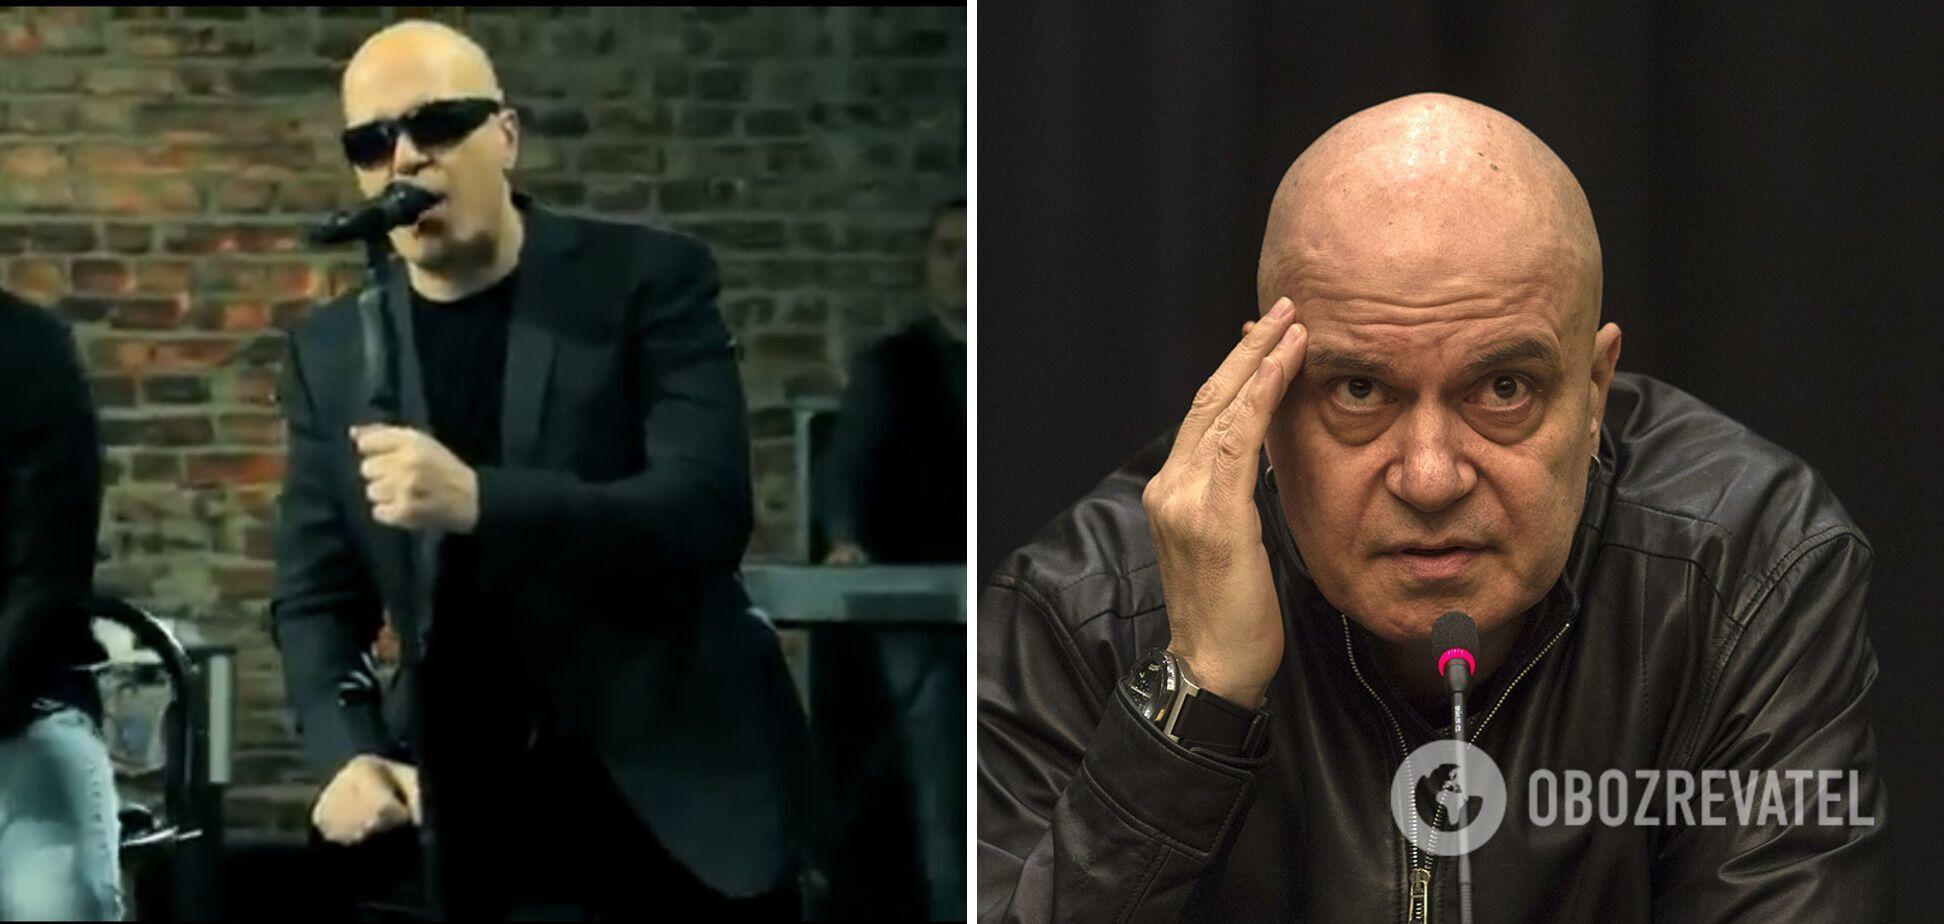 Станіслав Трифонов – болгарський музикант, продюсер і актор